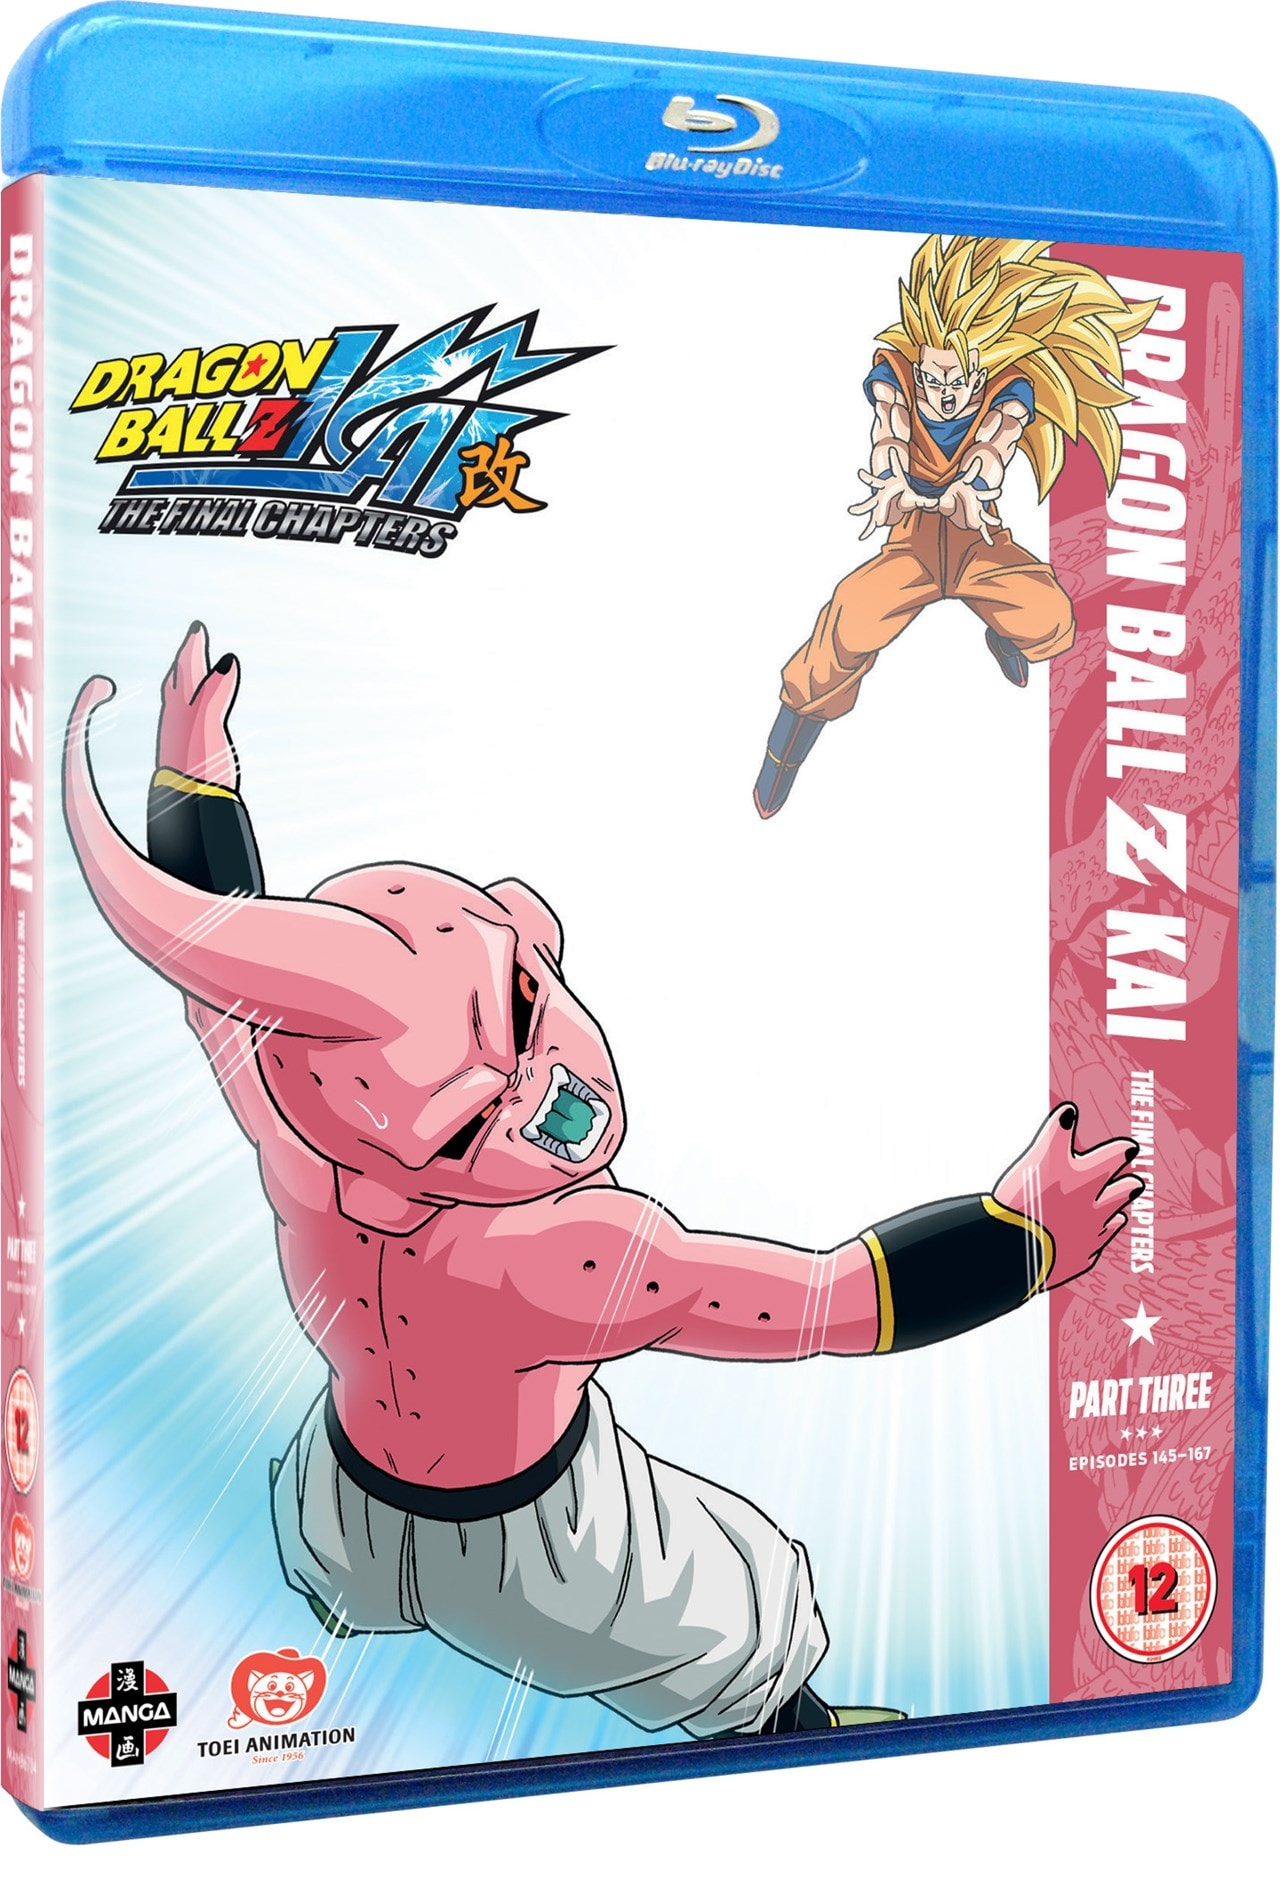 Dragon Ball Z KAI: Final Chapters - Part 3 - 2